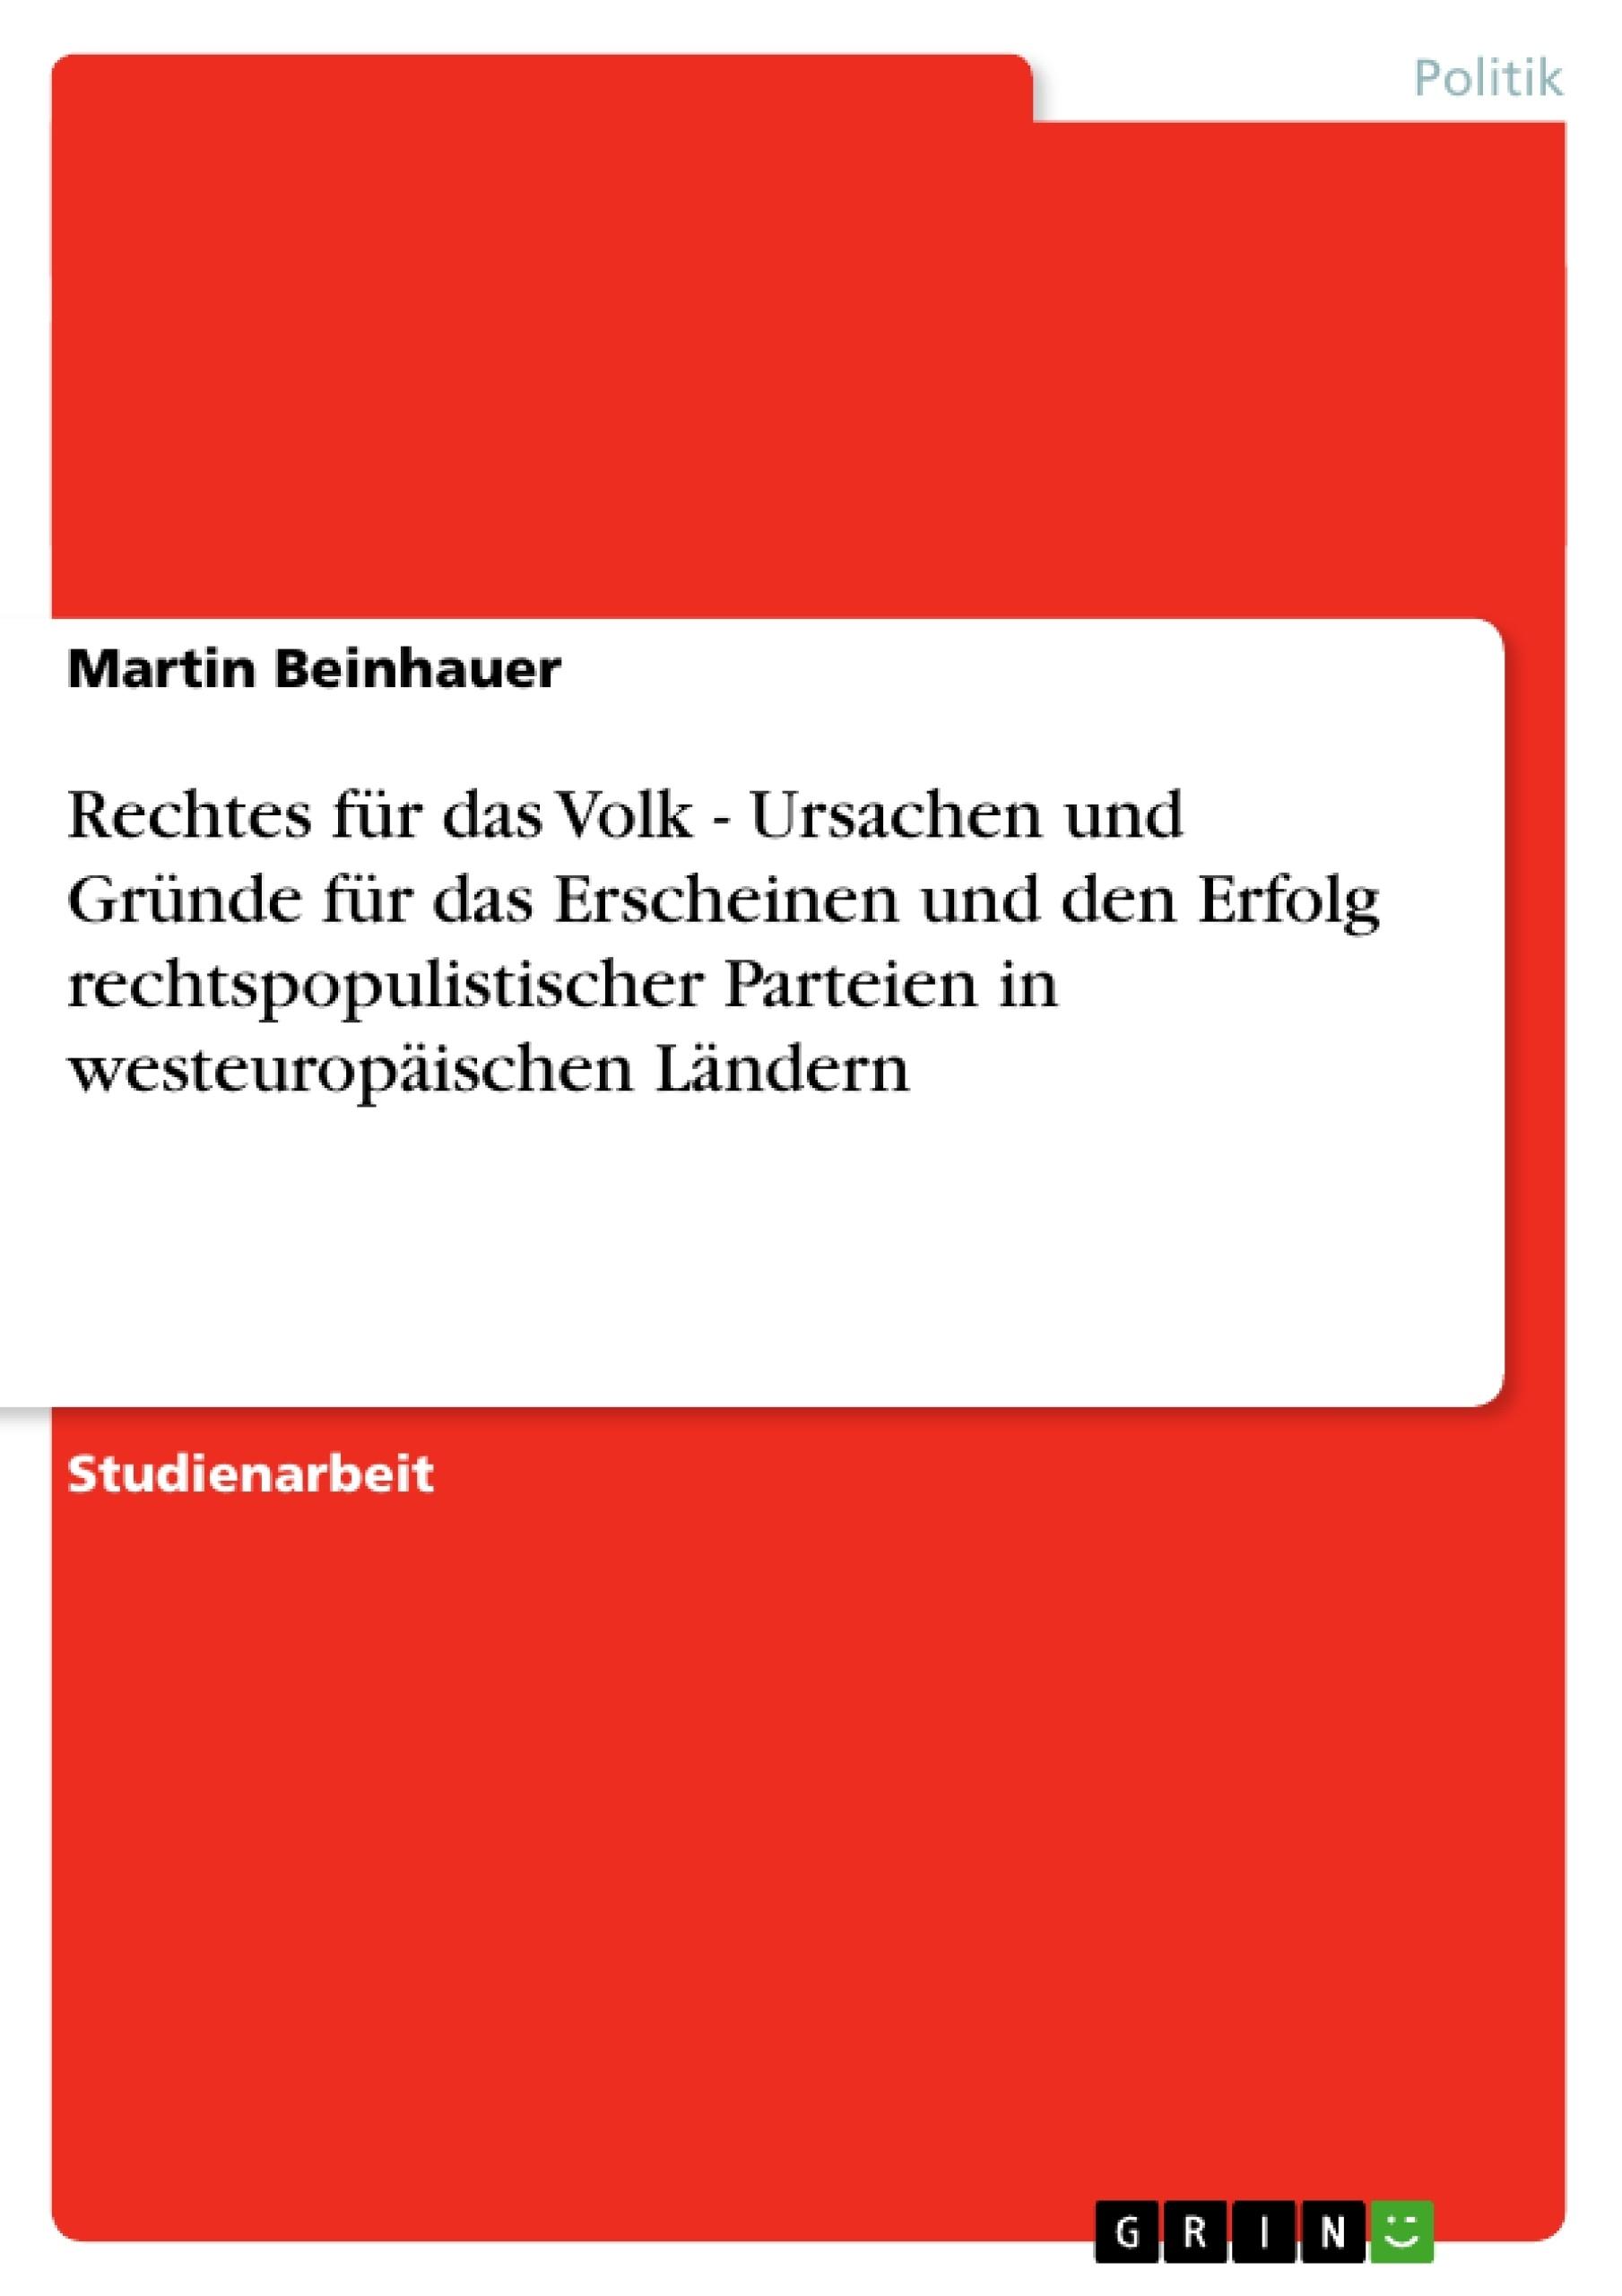 Titel: Rechtes für das Volk - Ursachen und Gründe für das Erscheinen und den Erfolg rechtspopulistischer Parteien in westeuropäischen Ländern